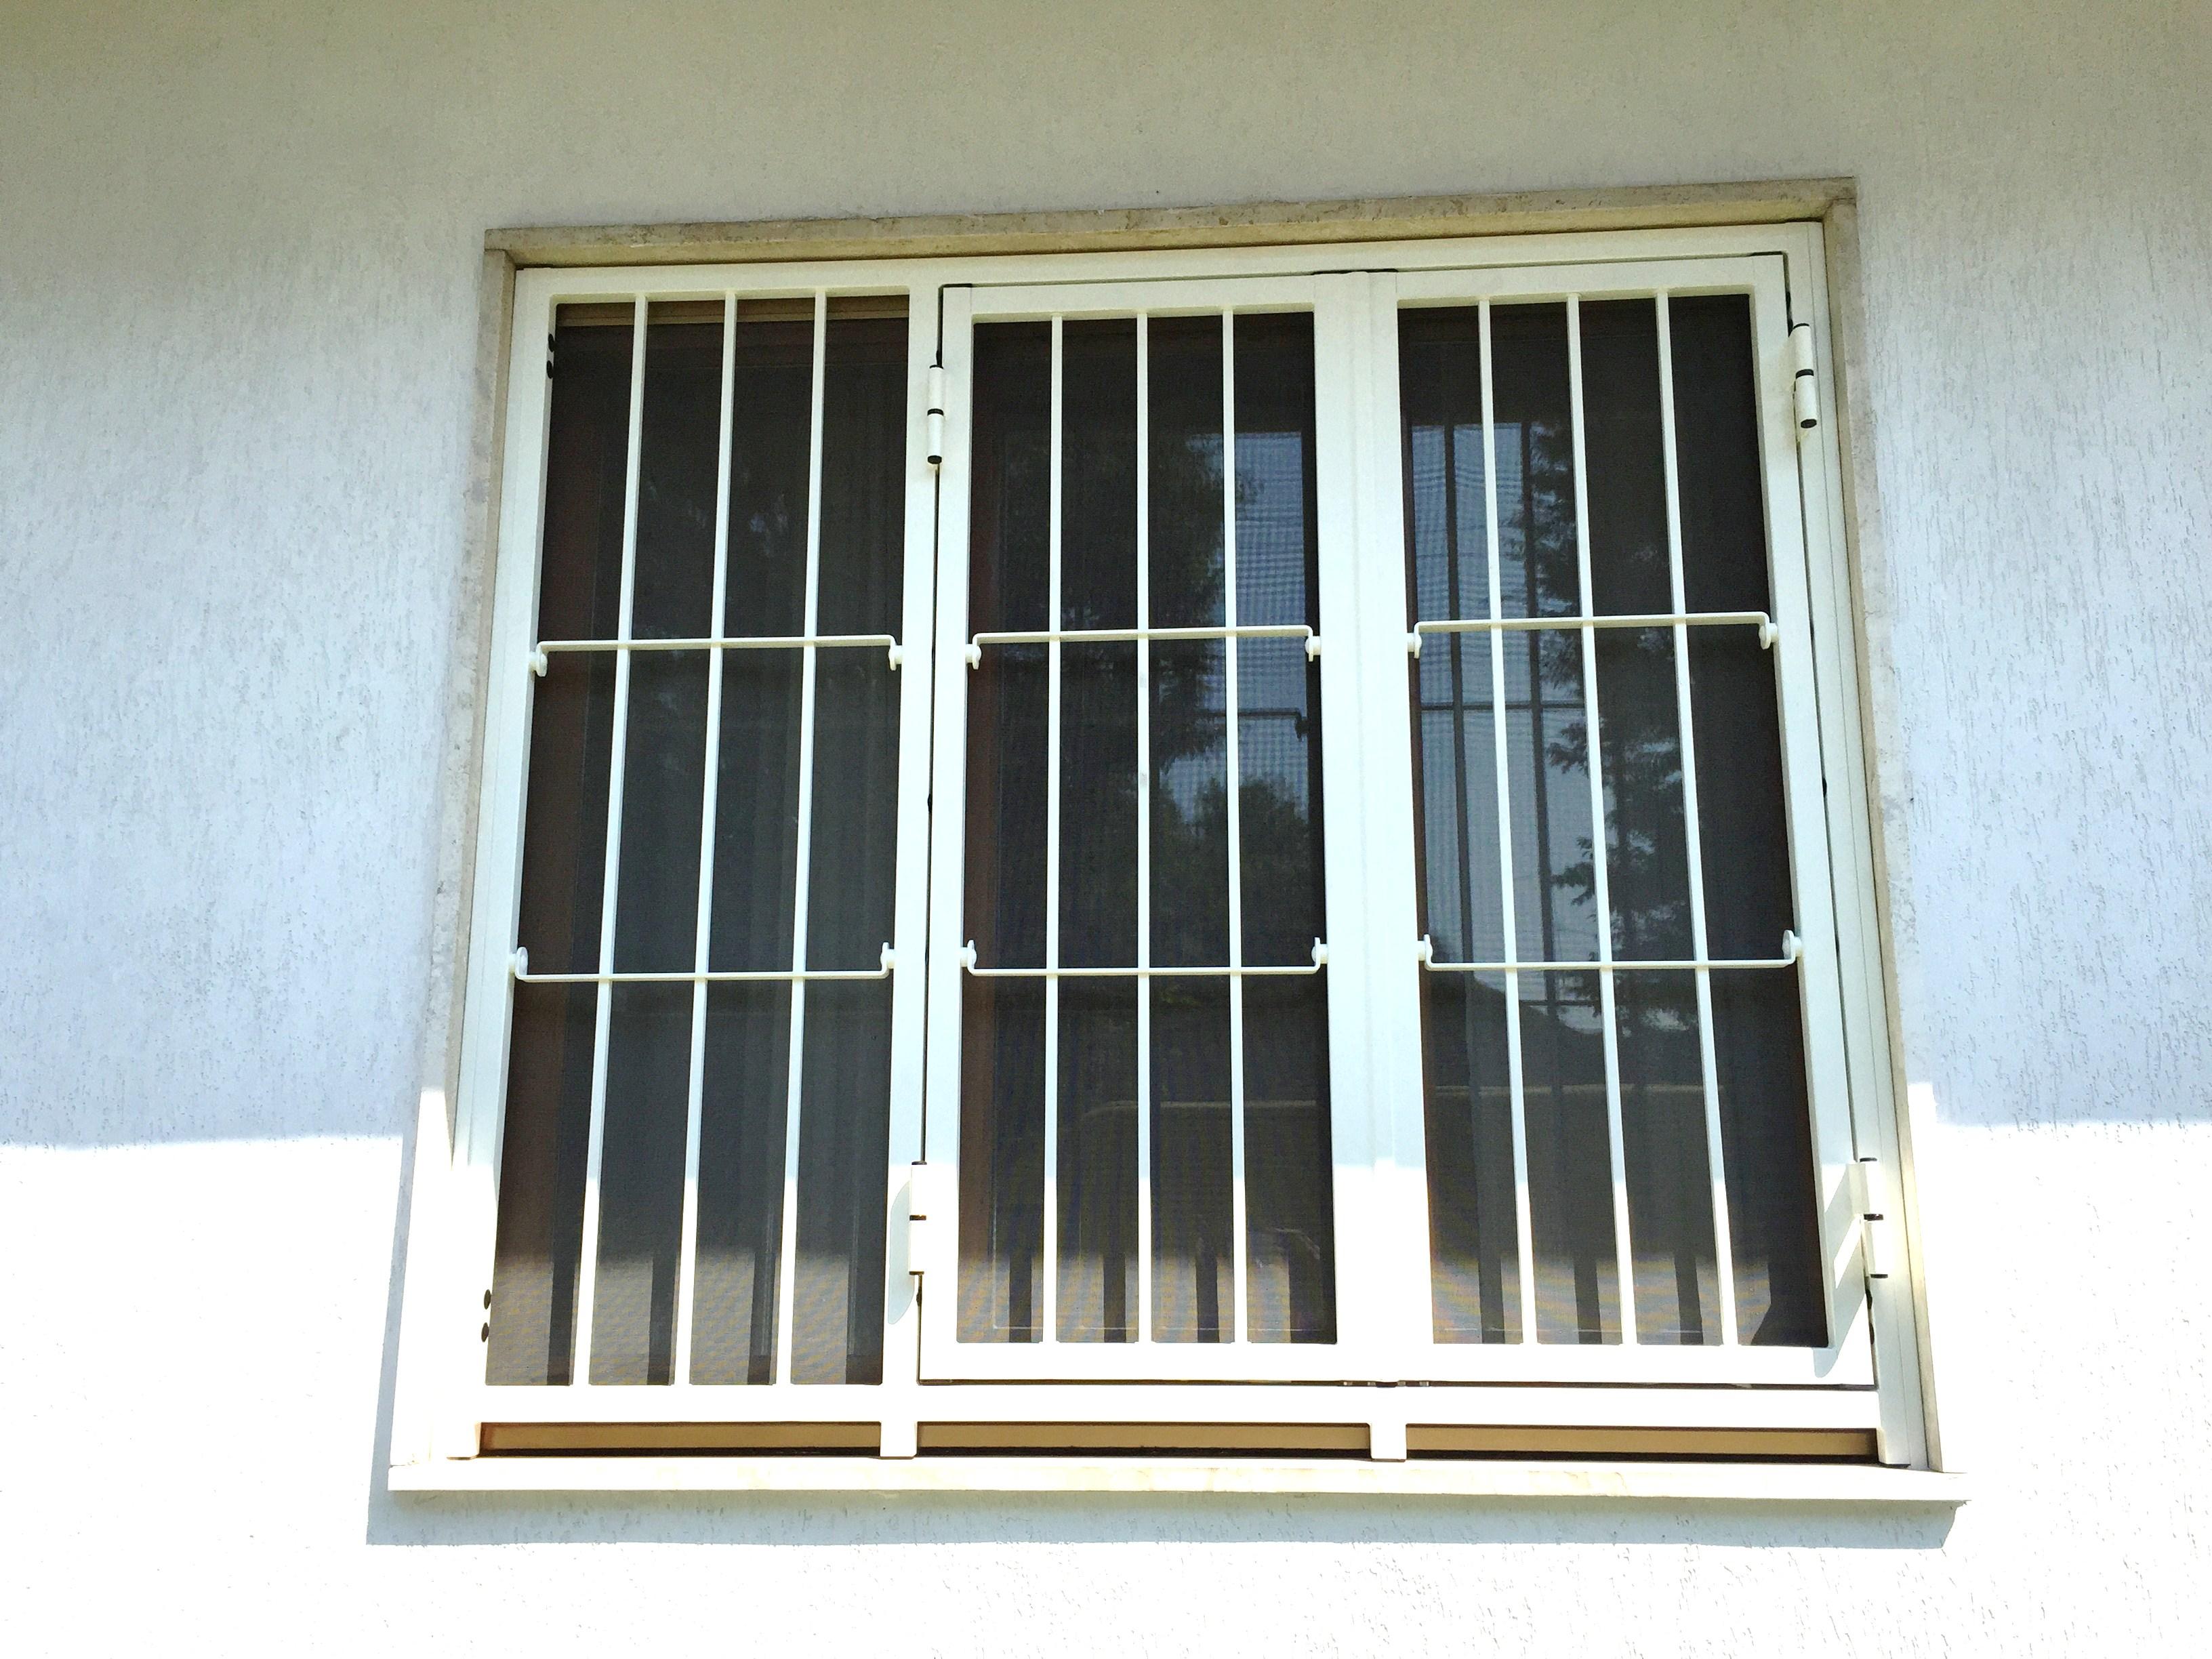 Cancelli di sicurezza apribili   certificati in classe 3 anti effrazione , abitazione a Cremona.